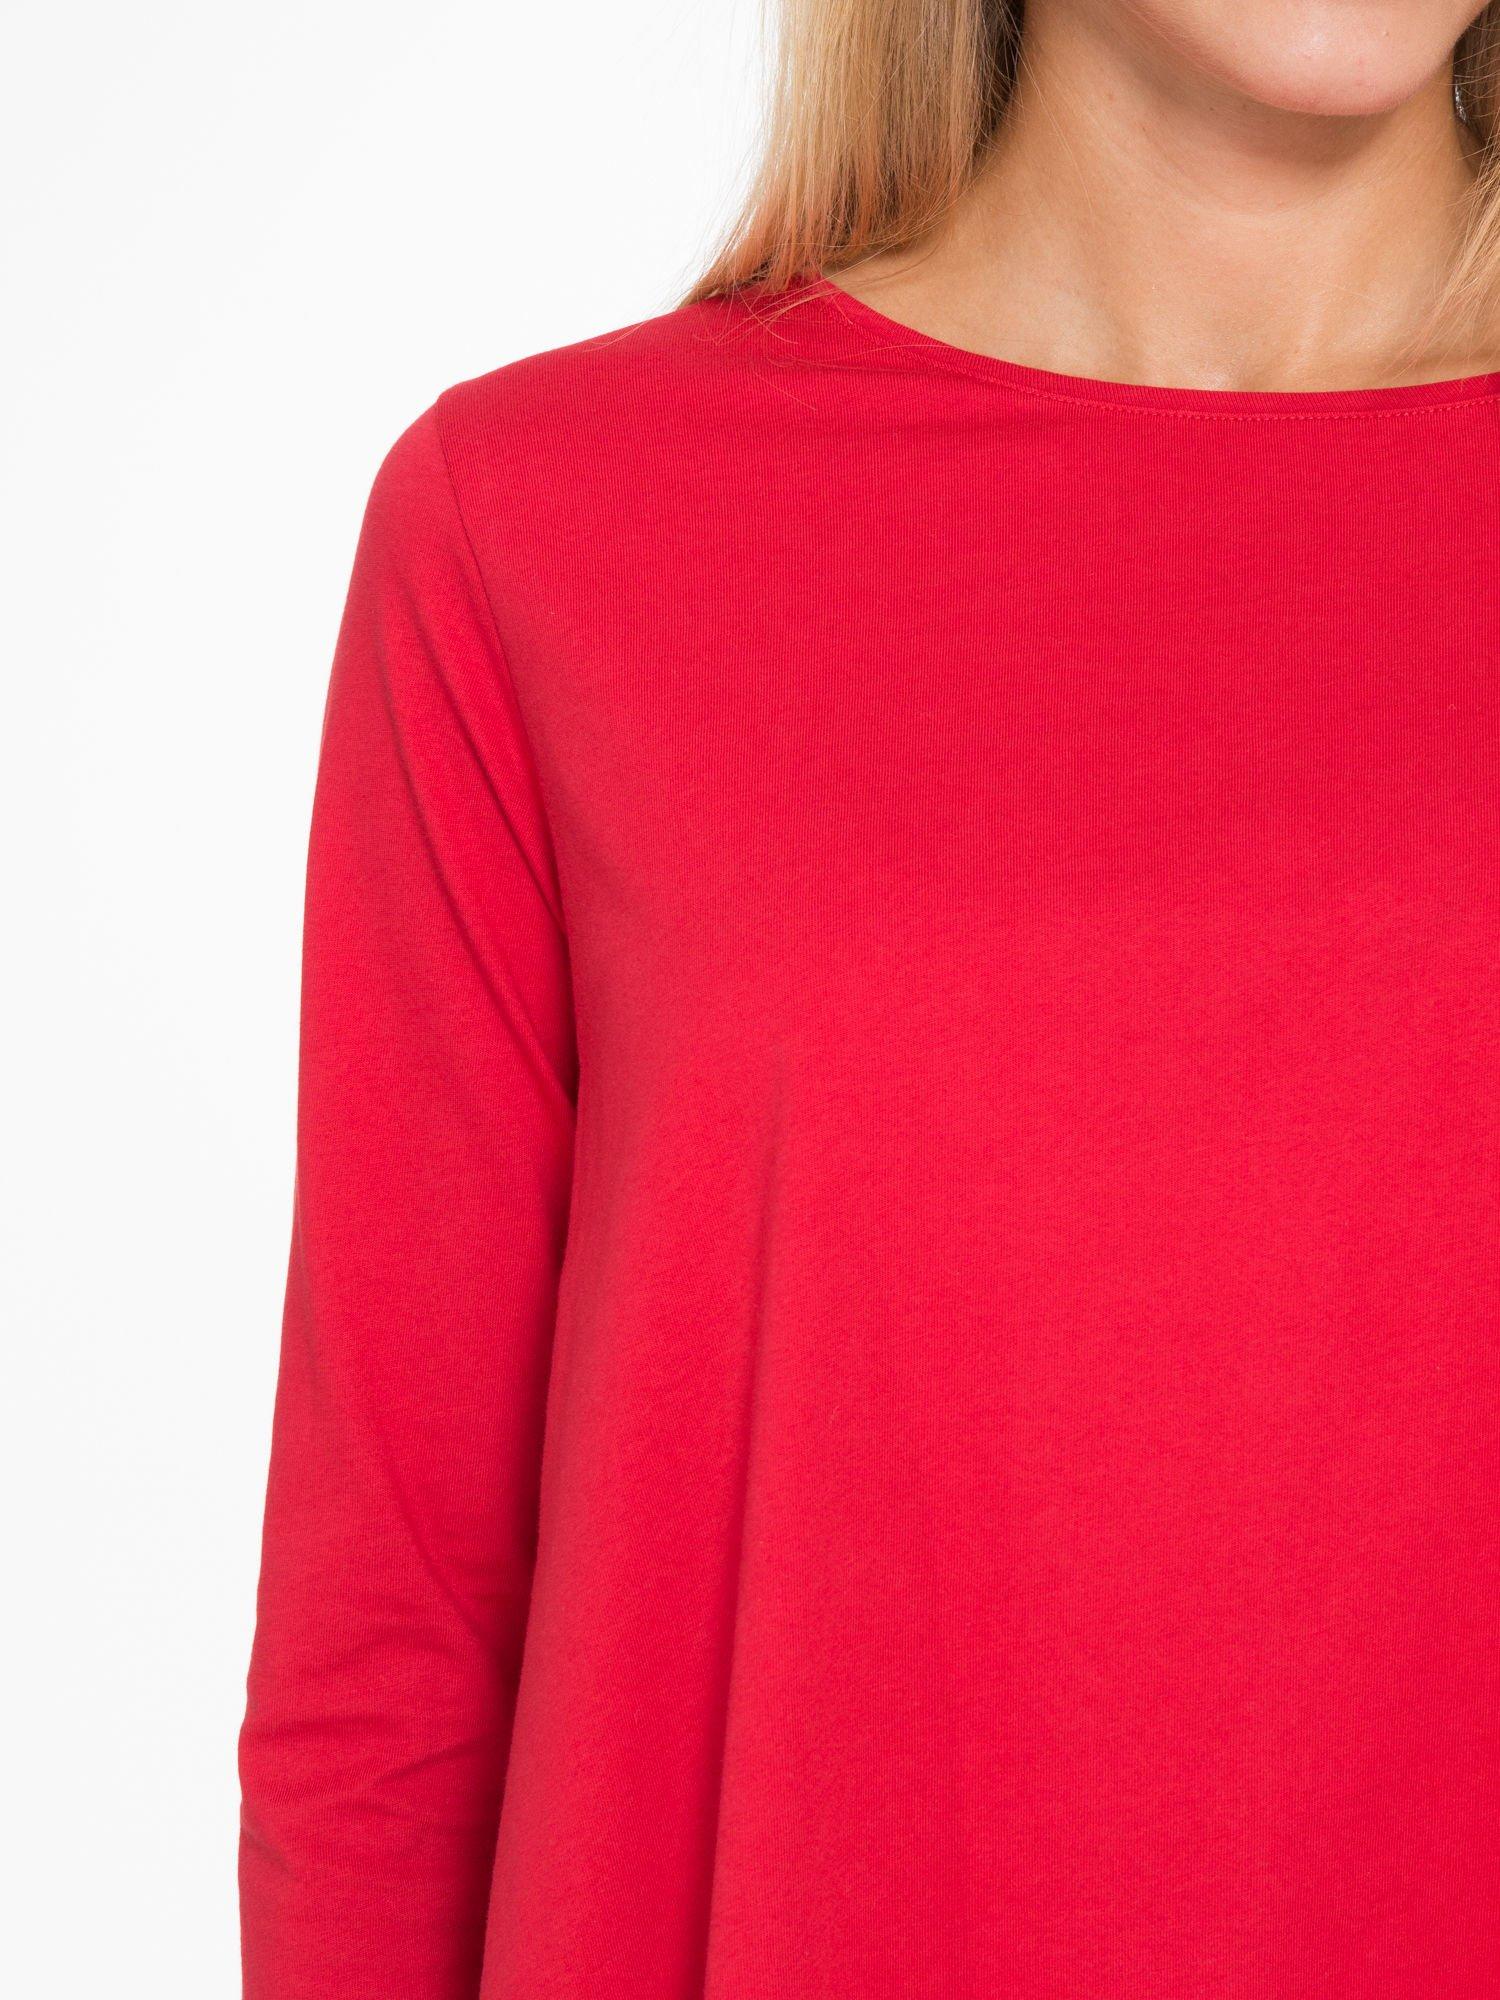 Czerwona bluzka o rozkloszowanym kroju z rękawem 3/4                                  zdj.                                  6